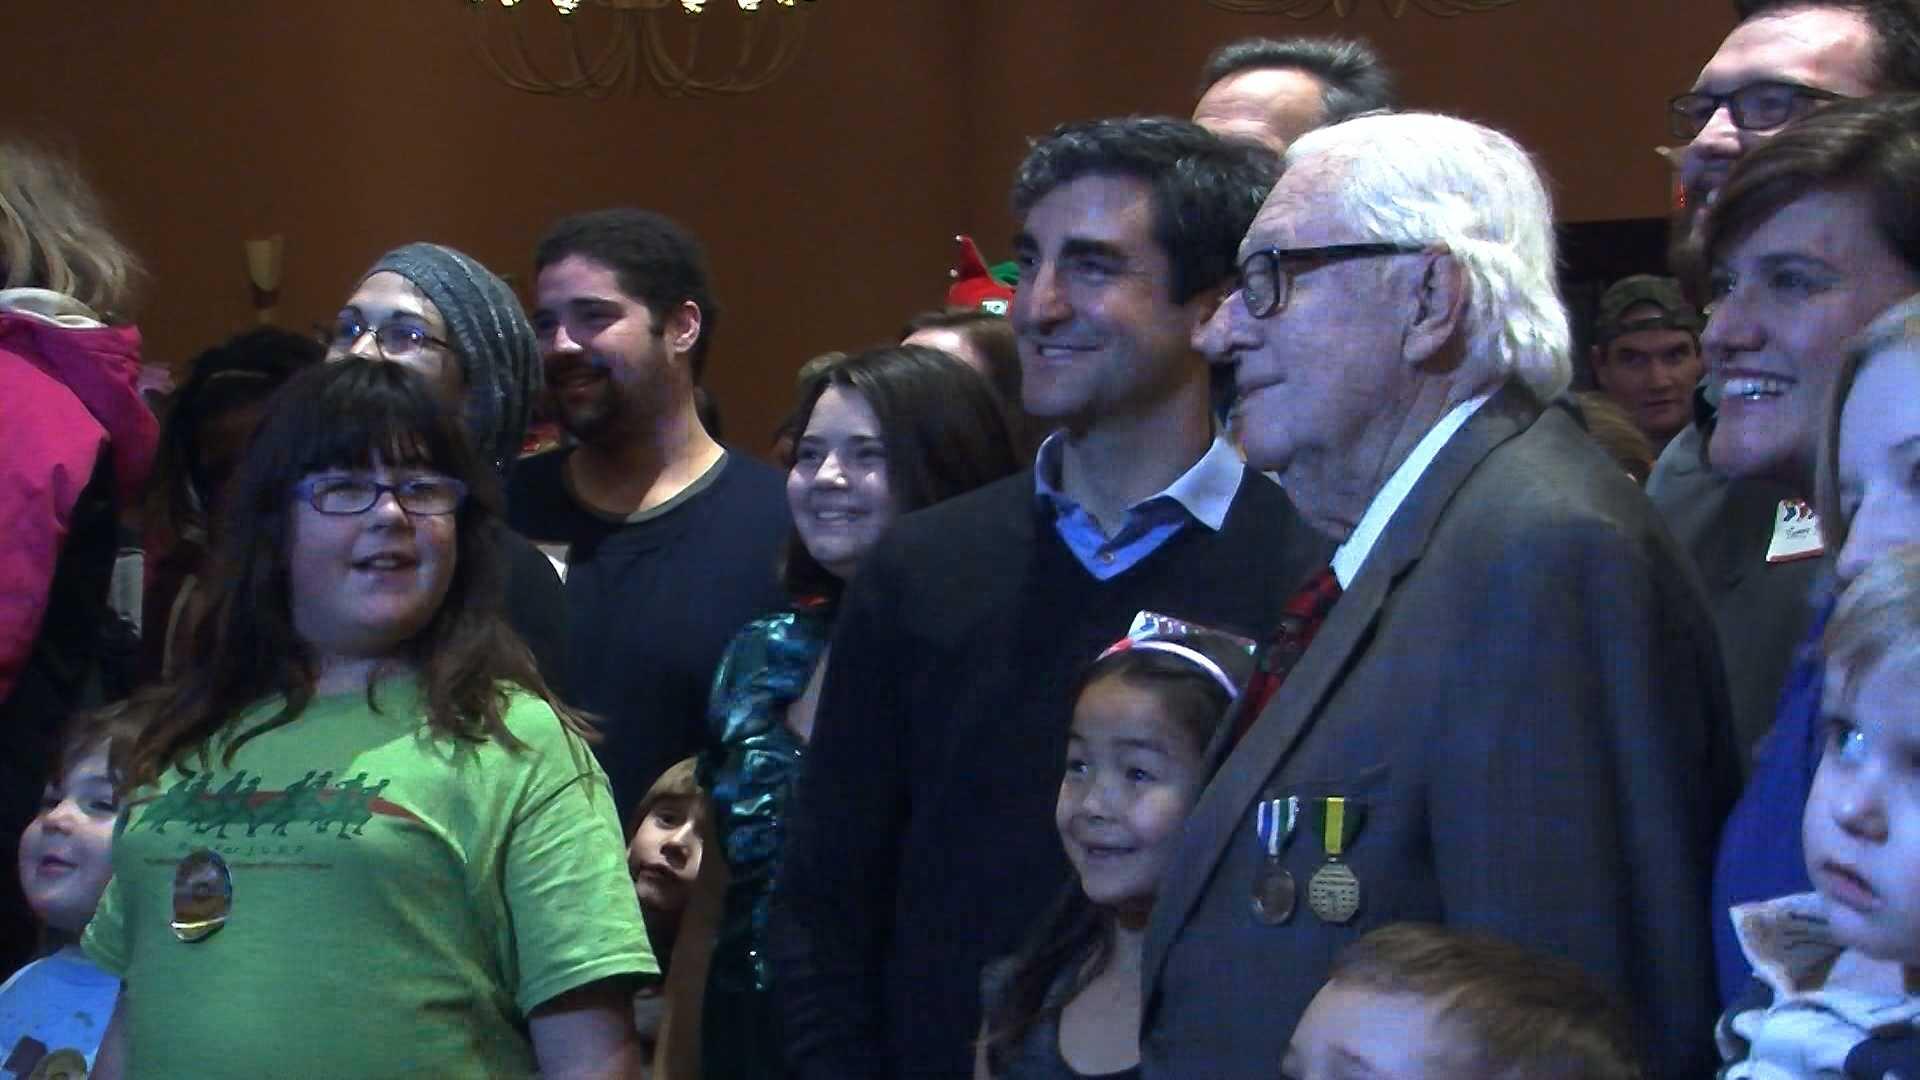 12-8-13 Hundreds of families celebrate holiday season - img